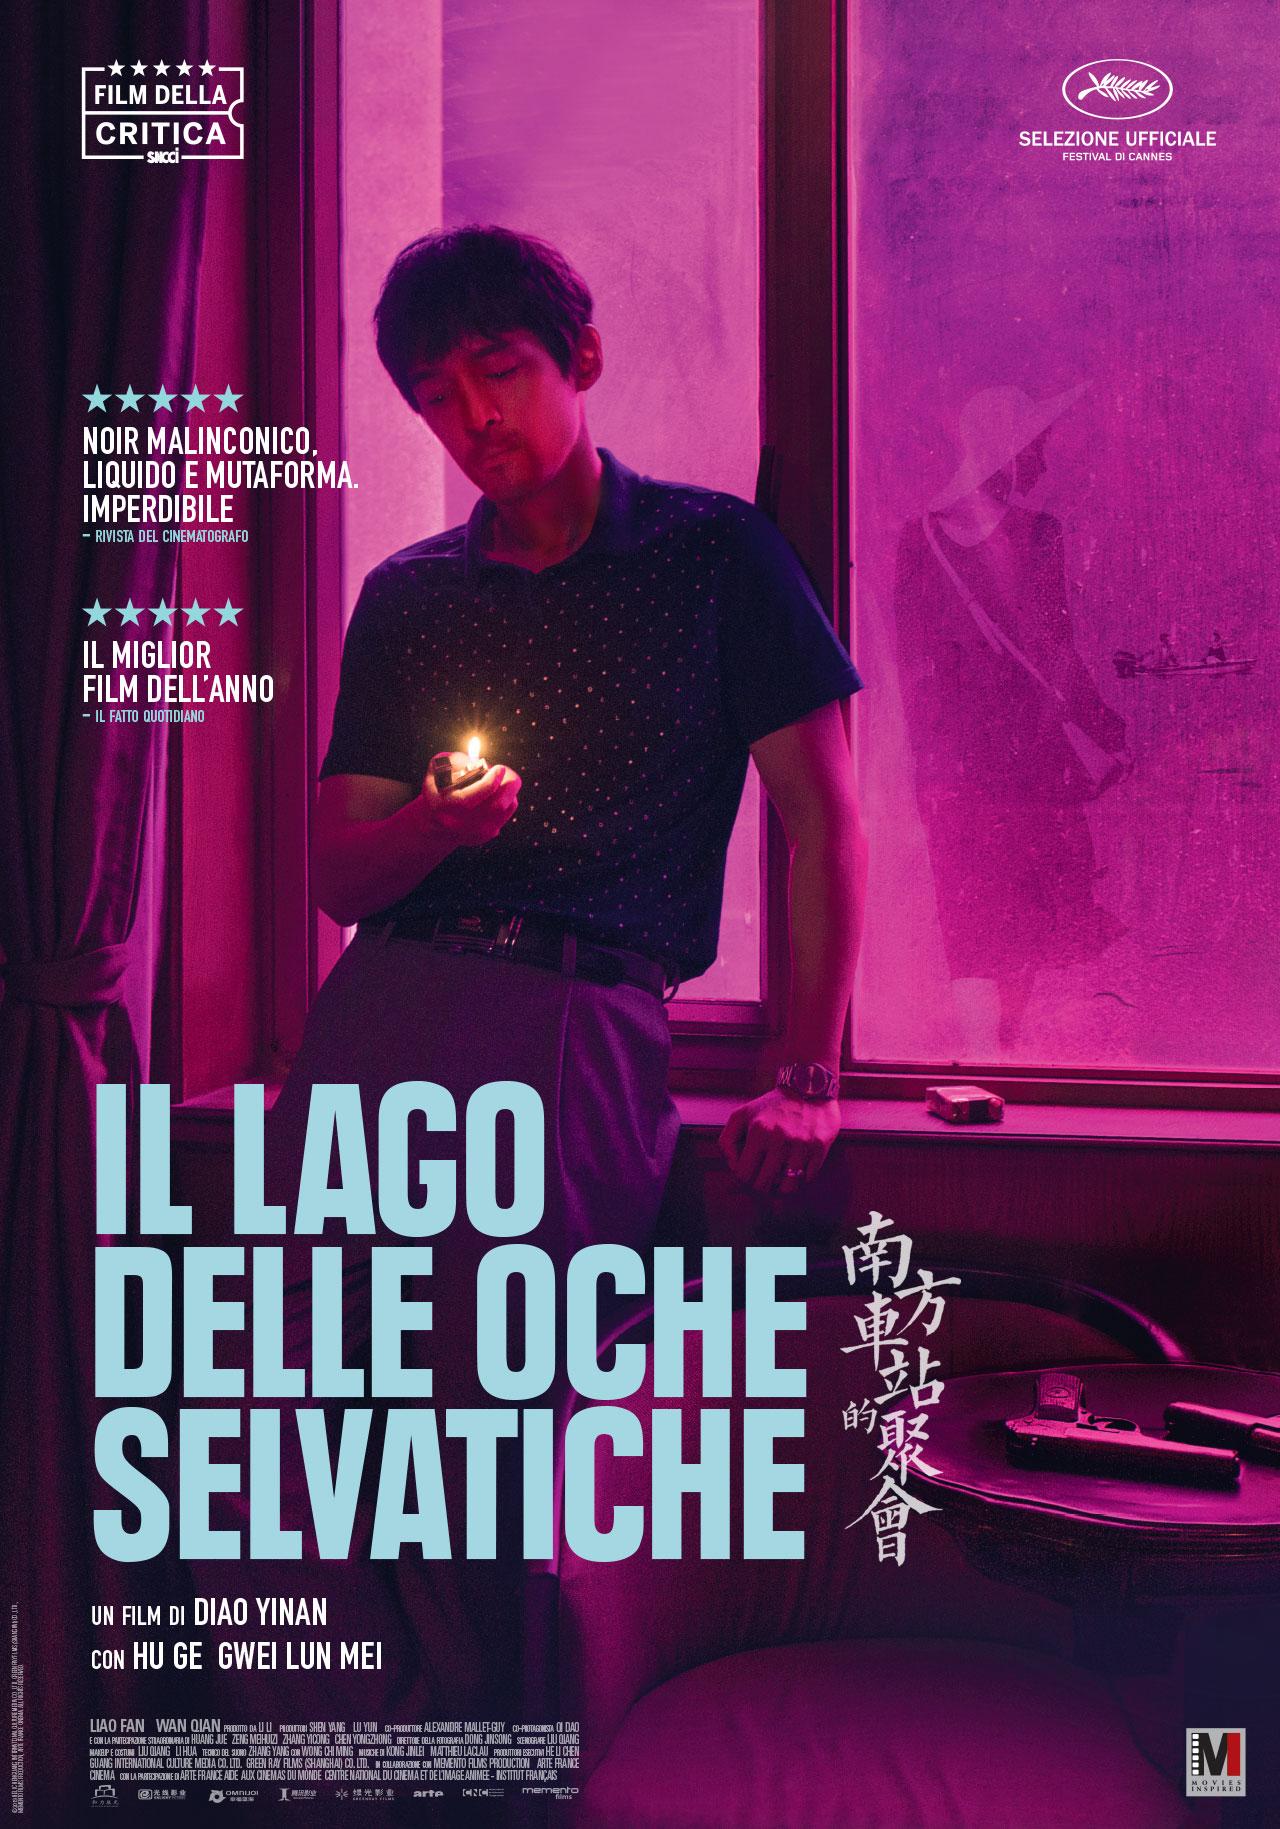 lago-oche-selvatiche-febbraio-cinema